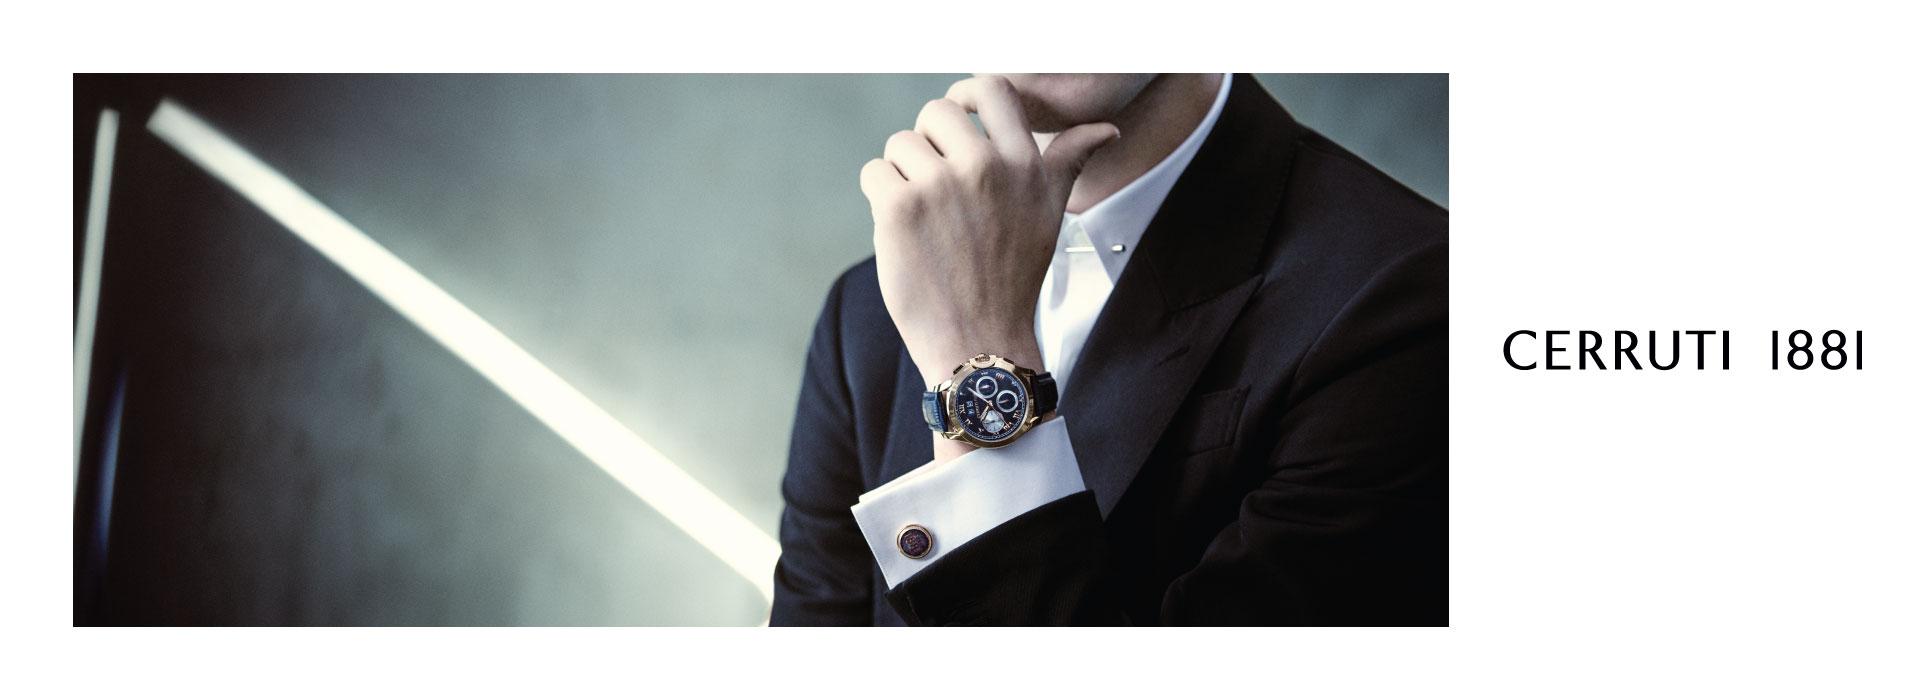 Cerruti 1881 часовници